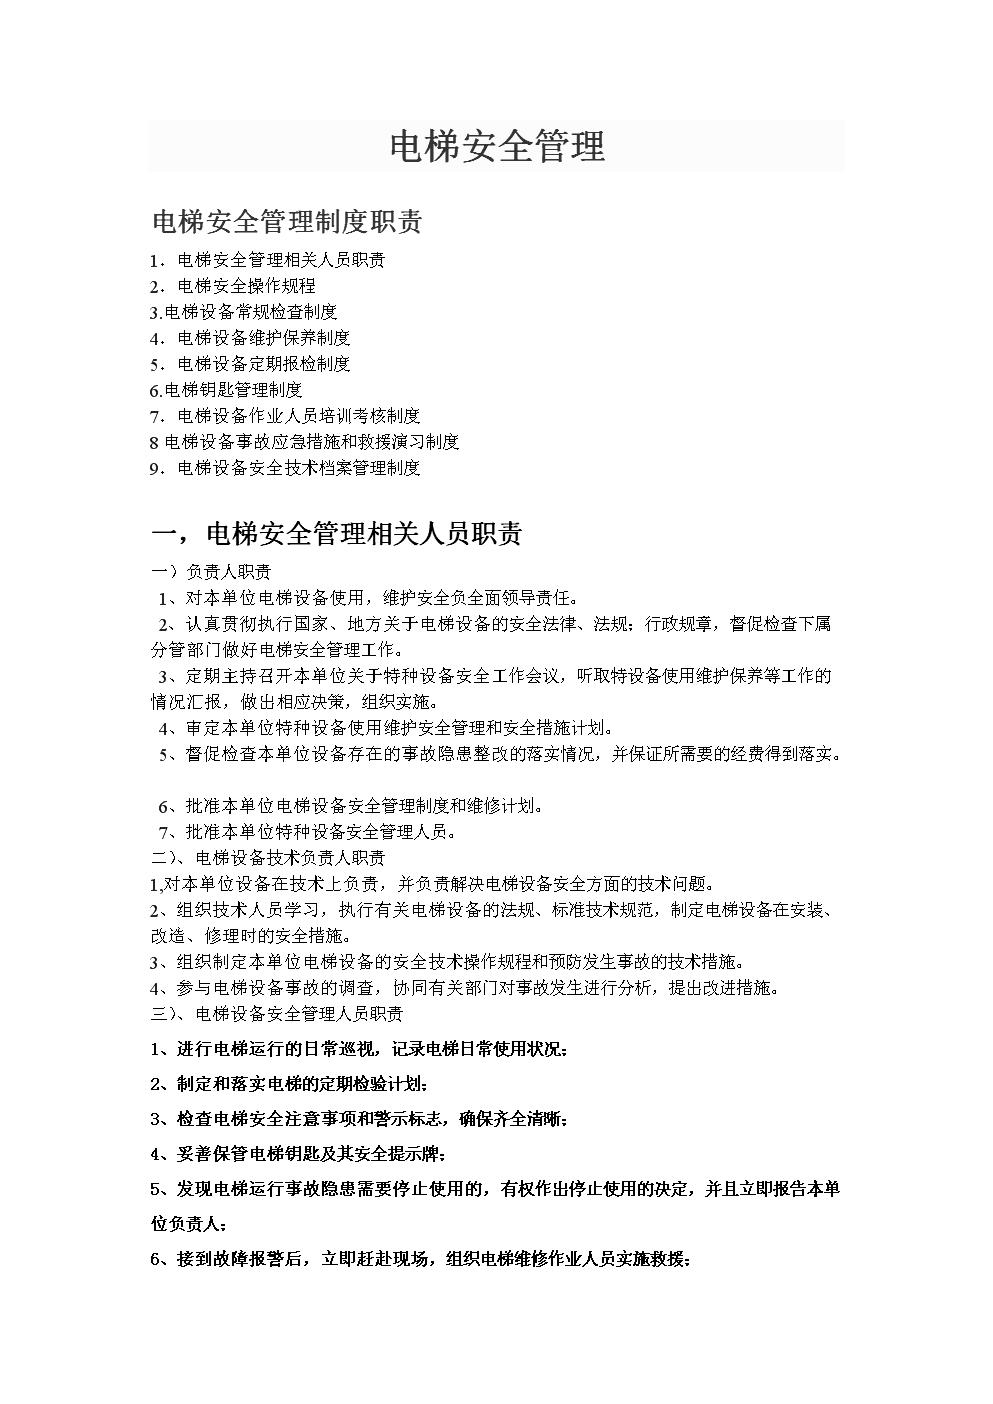 电梯安全2019版管理制度.doc